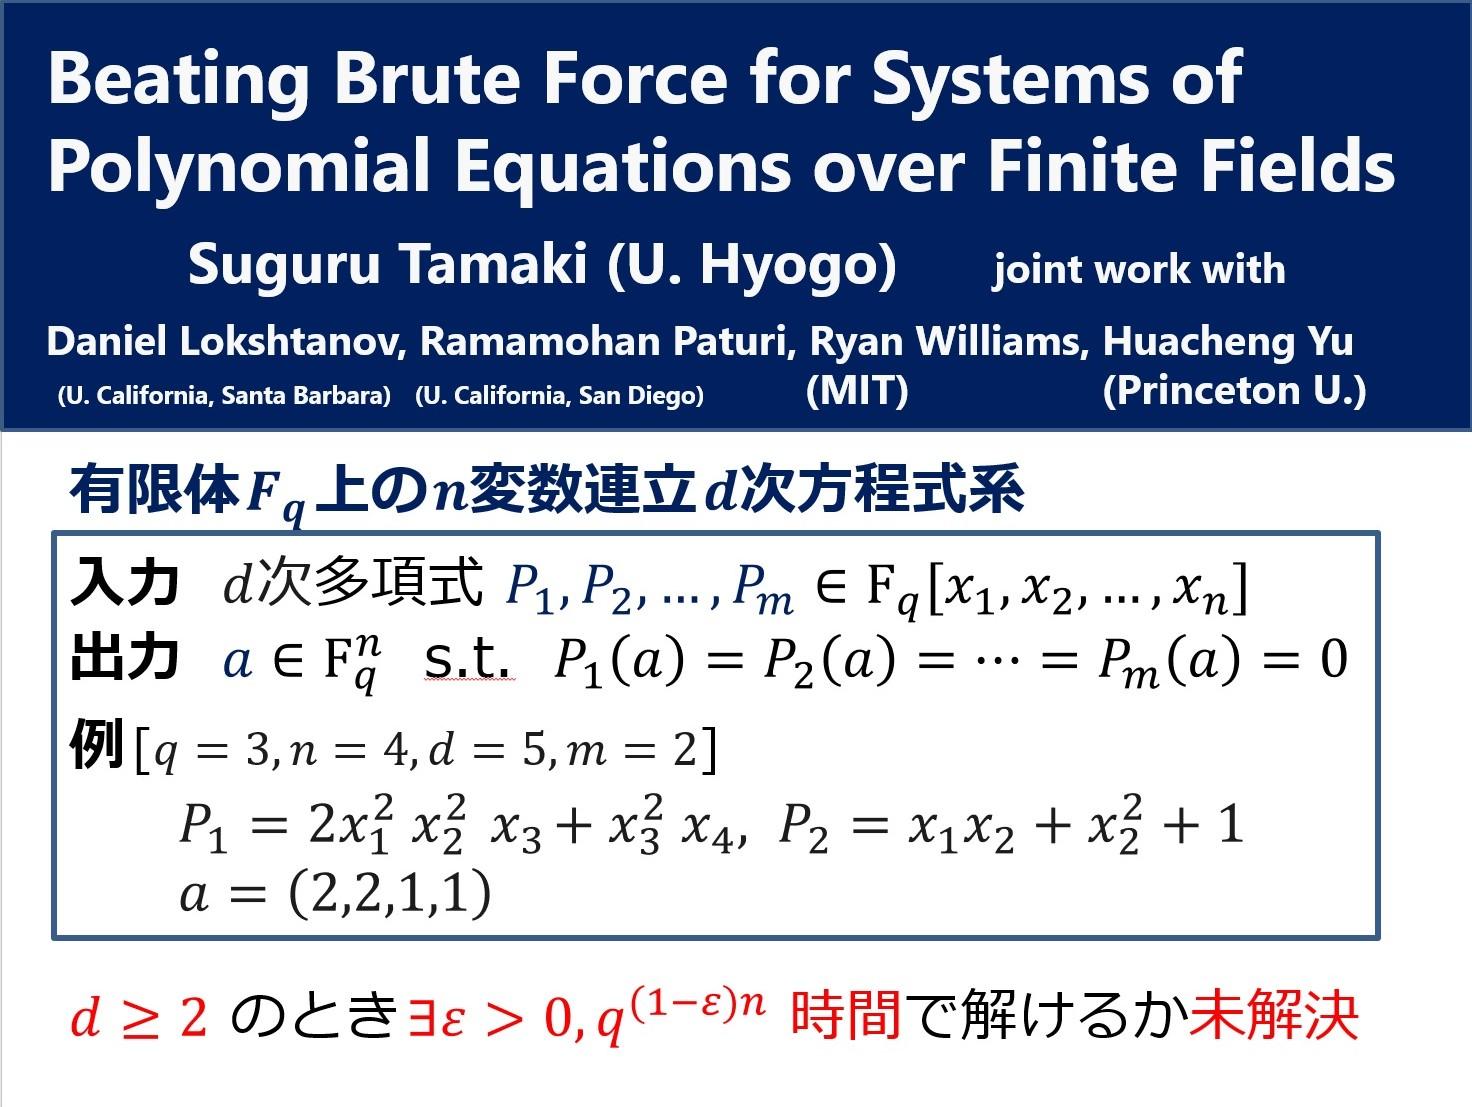 91 有限体上の多変数連立代数方程式系に対する総当り探索の打破 ~アルゴリズムの基礎研究と暗号解析への応用~